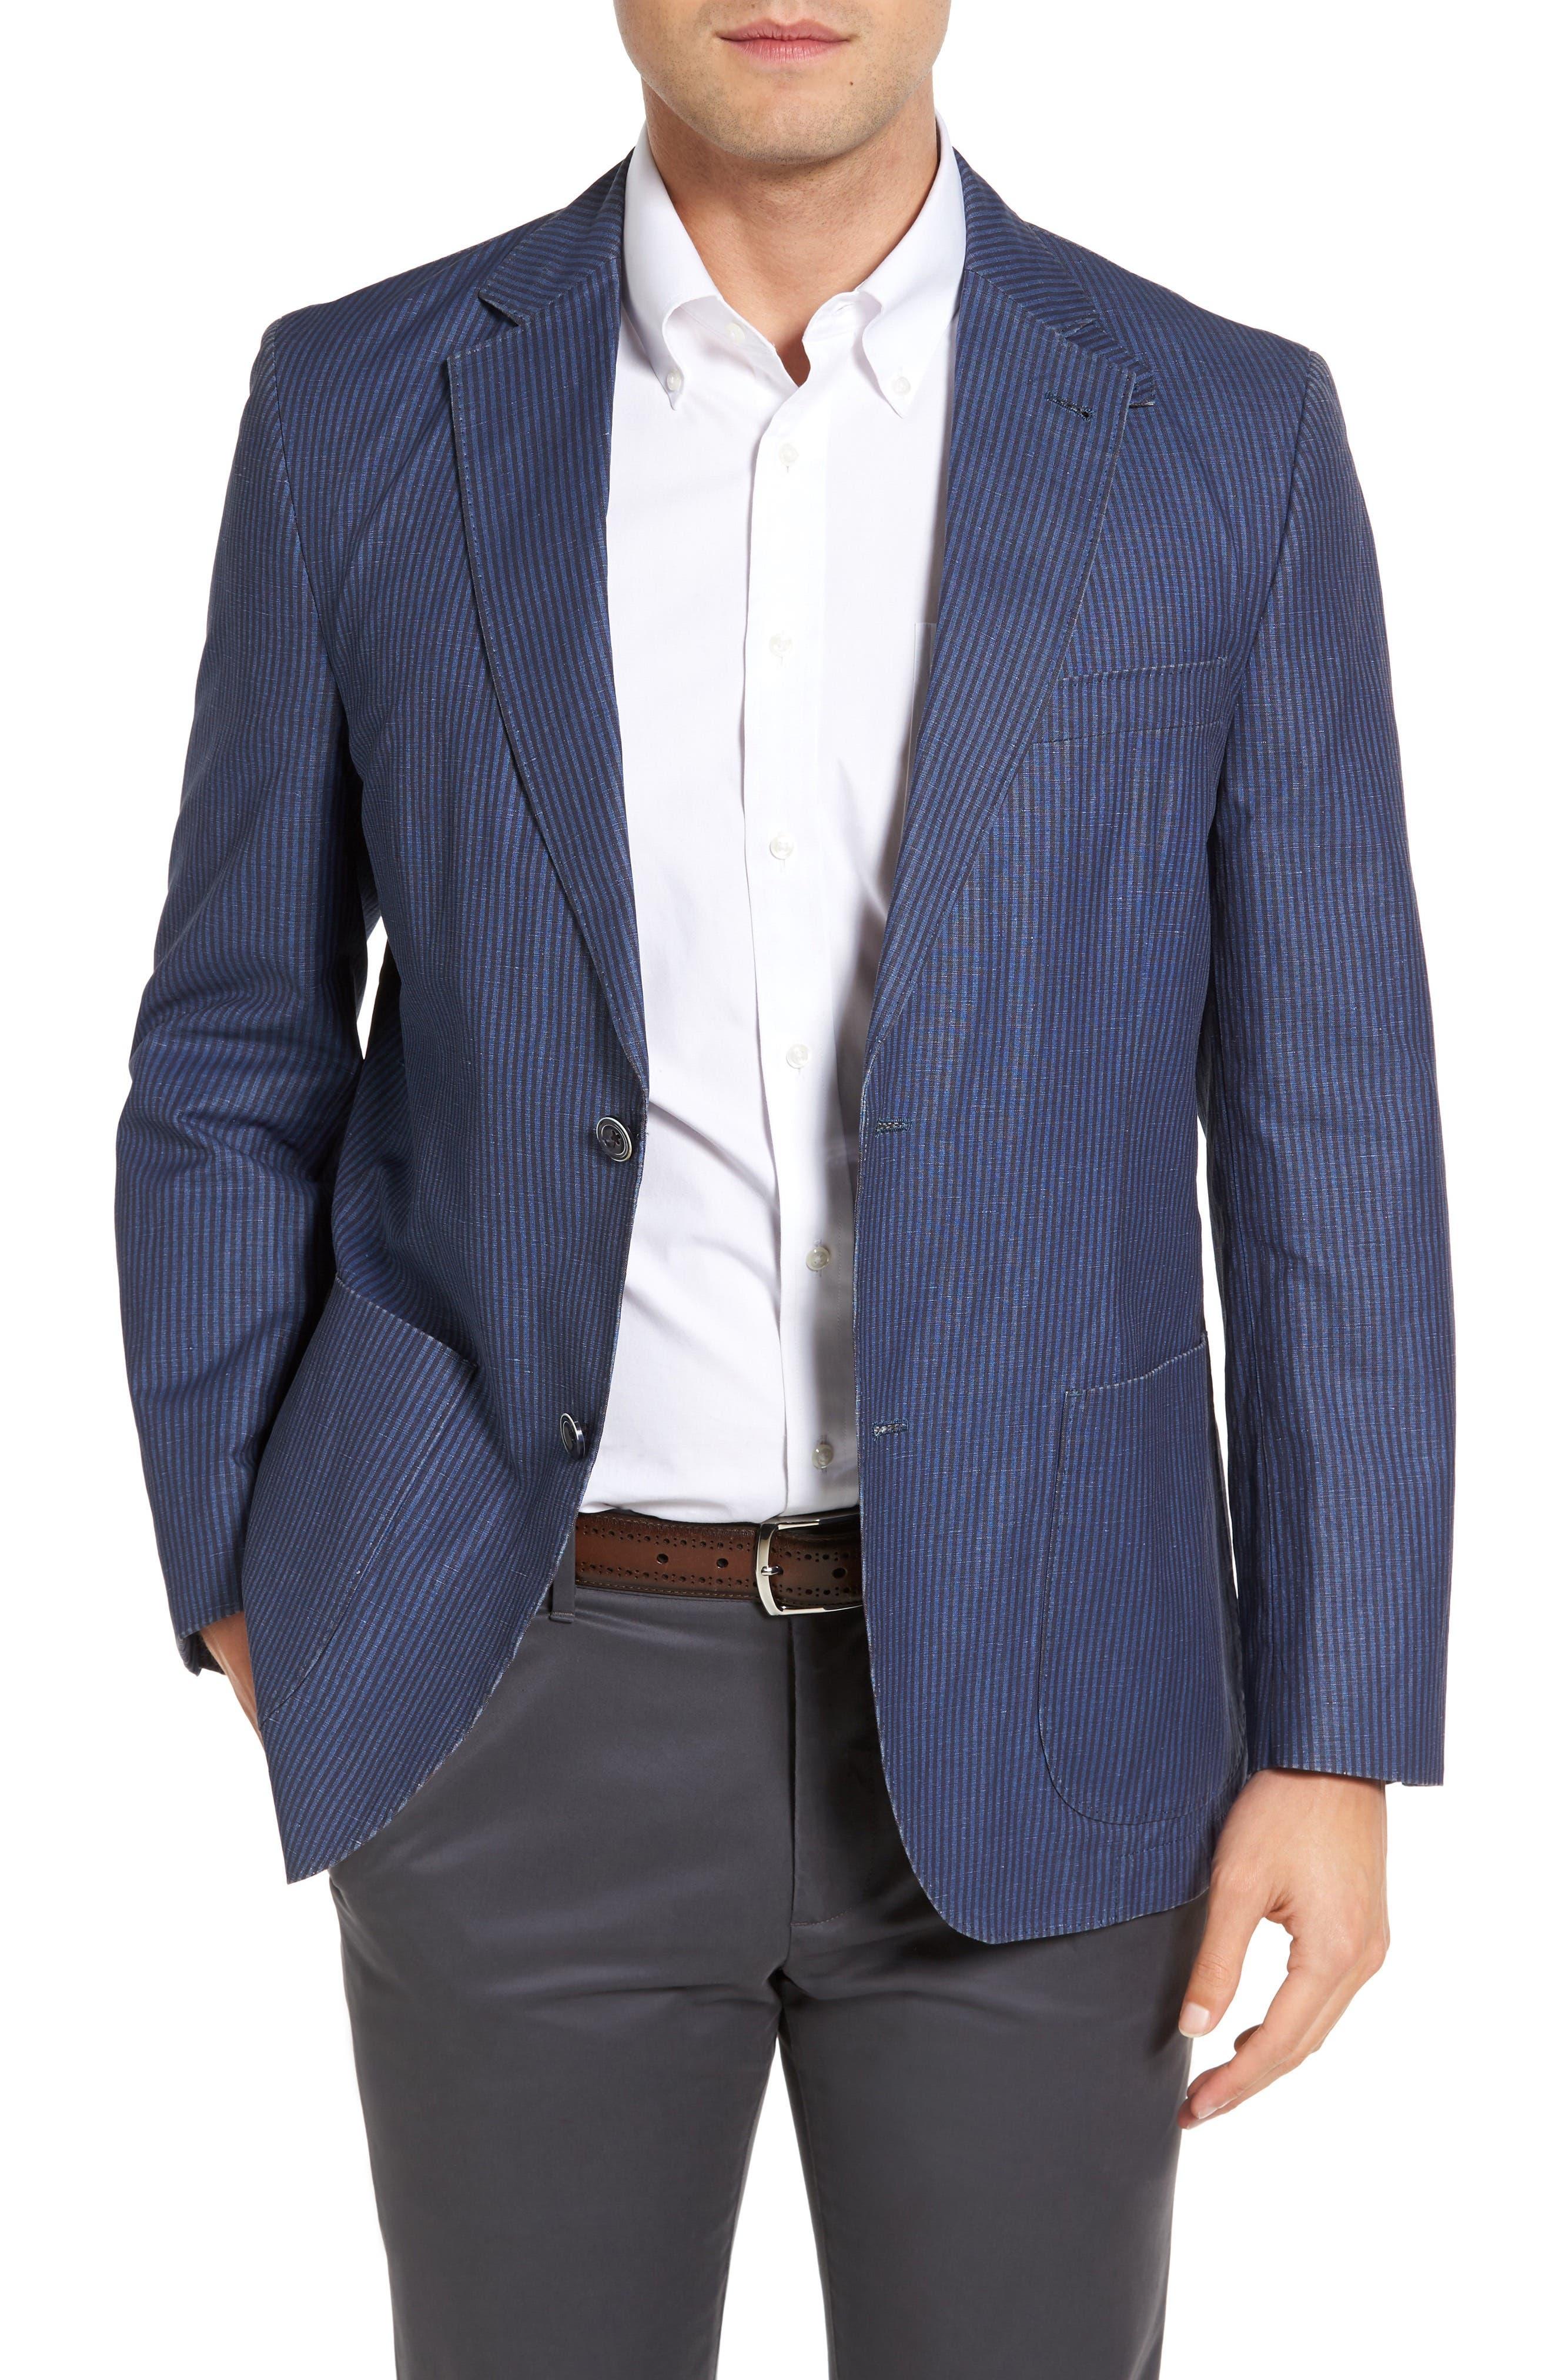 Main Image - Kroon Bono 2 Classic Fit Stripe Cotton & Linen Sport Coat